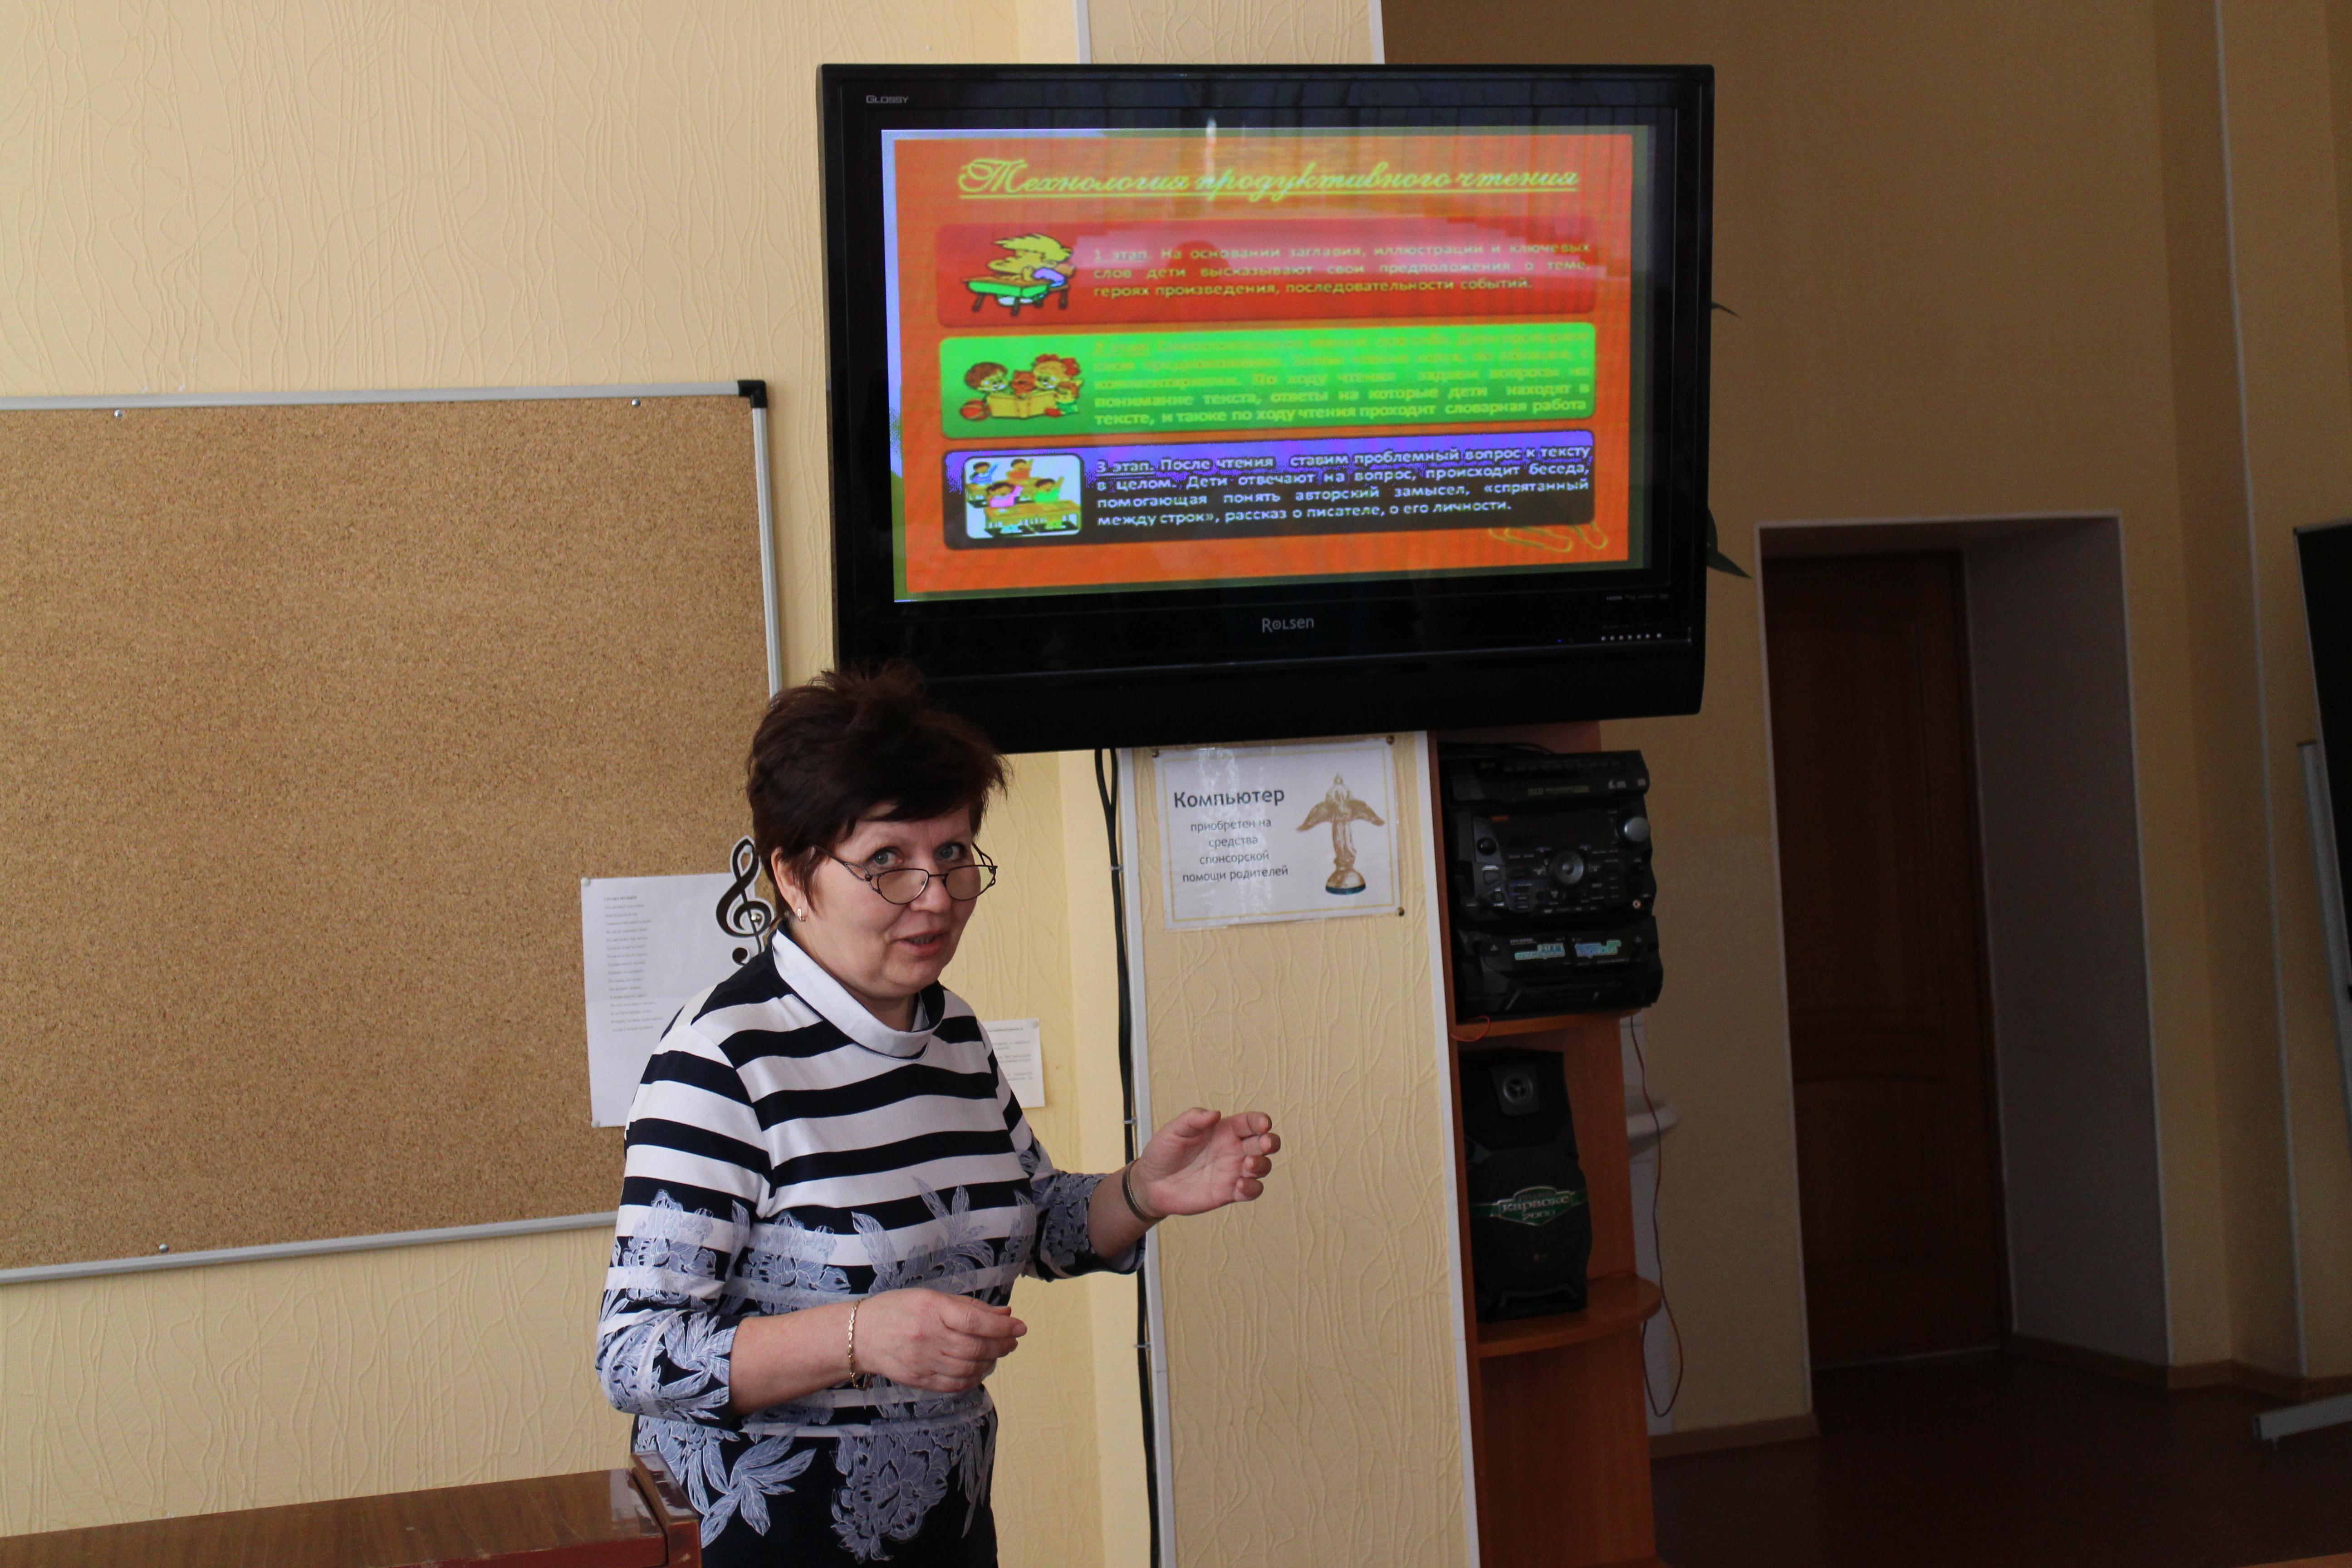 http://mo-izo-anzherka.ucoz.ru/Uchitelya/uchitelja_izo_3.jpg